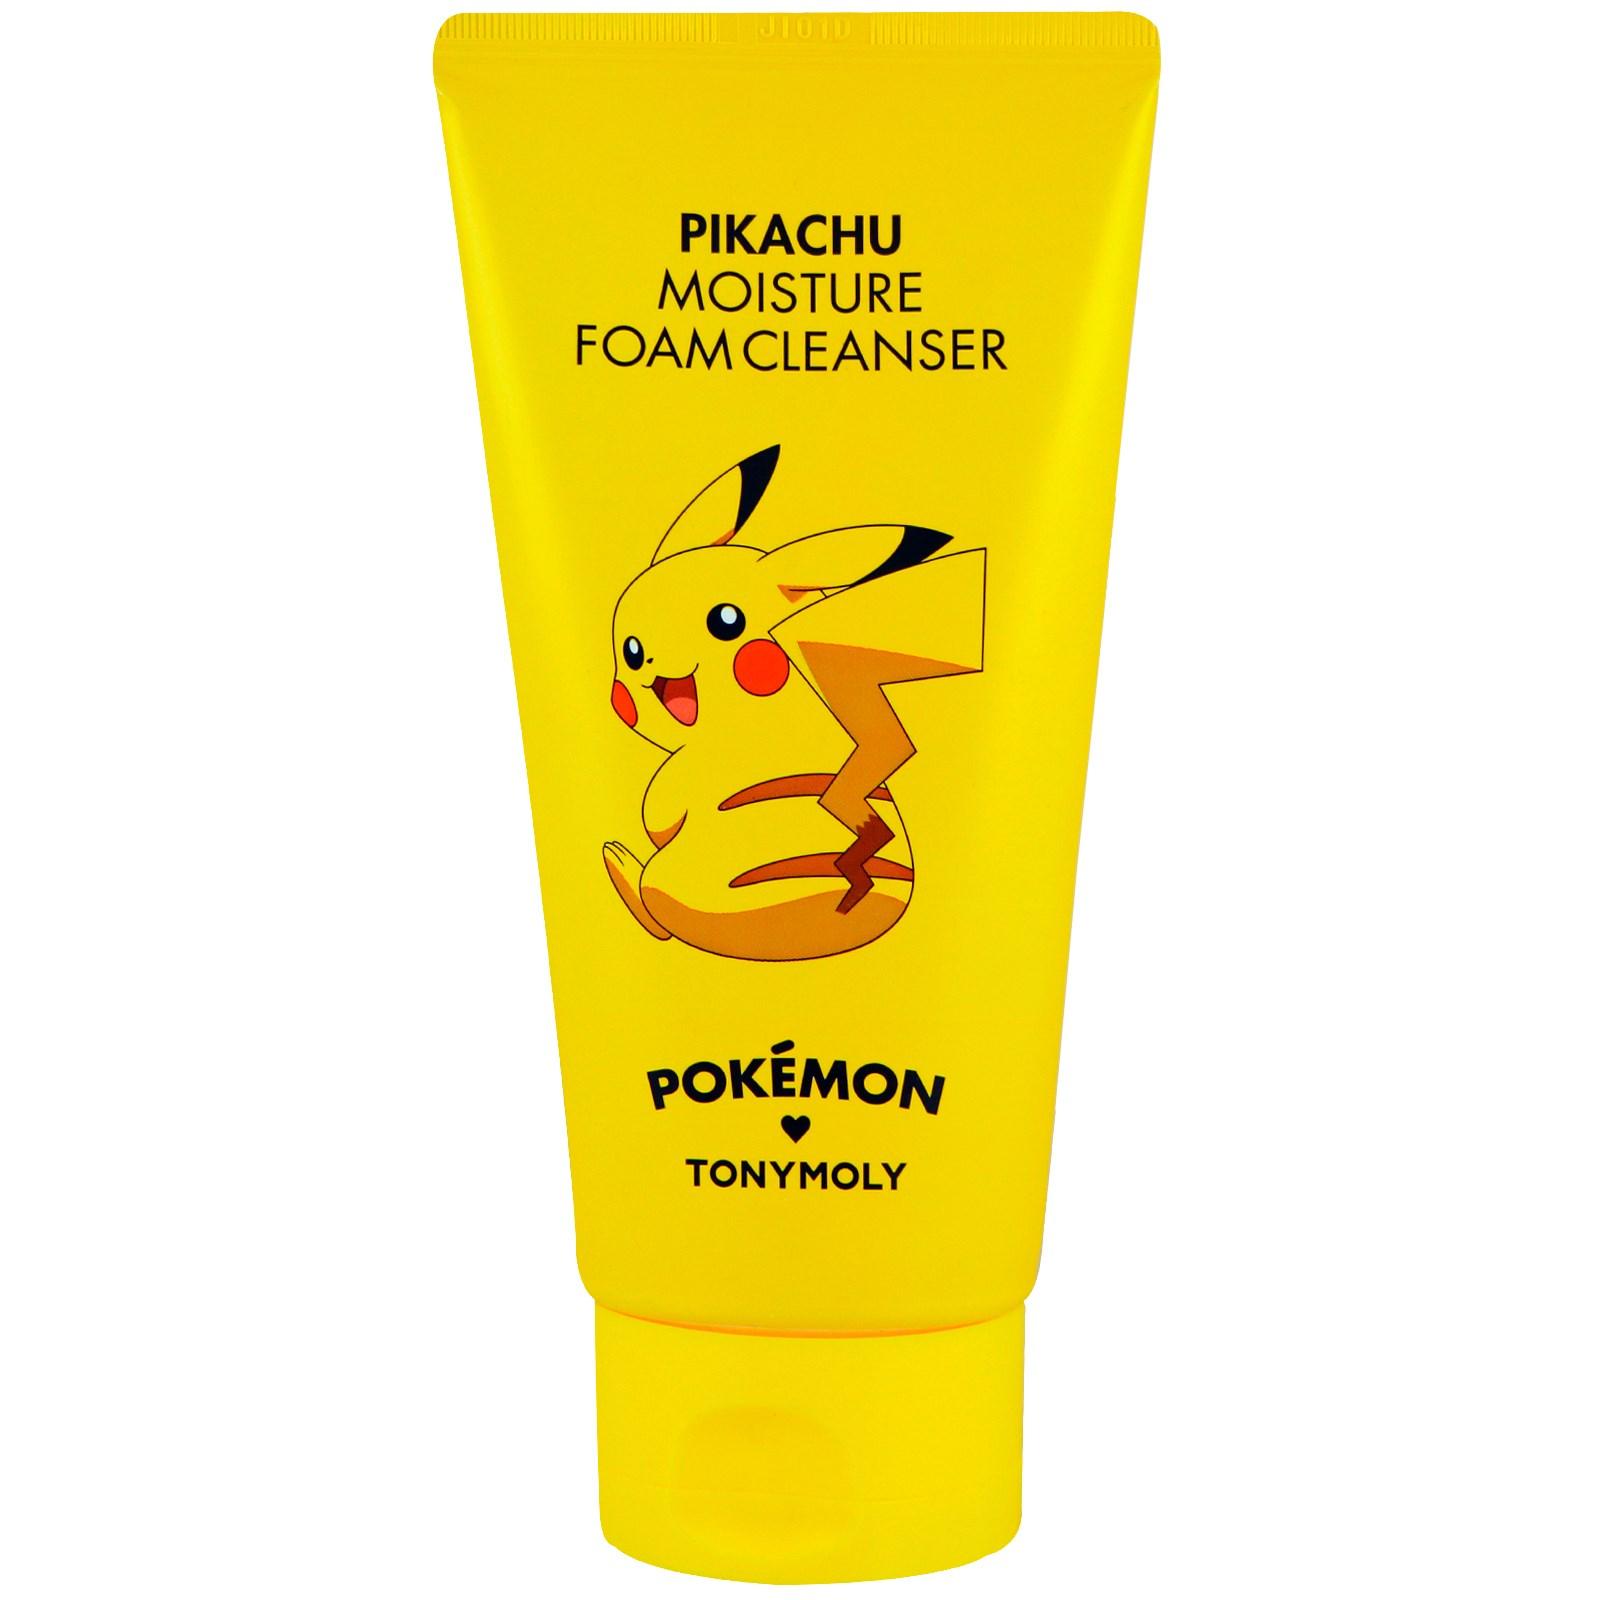 Tony Moly, Покемон, пенное чистящее средство, увлажняющее, Pikachu, 150 мл